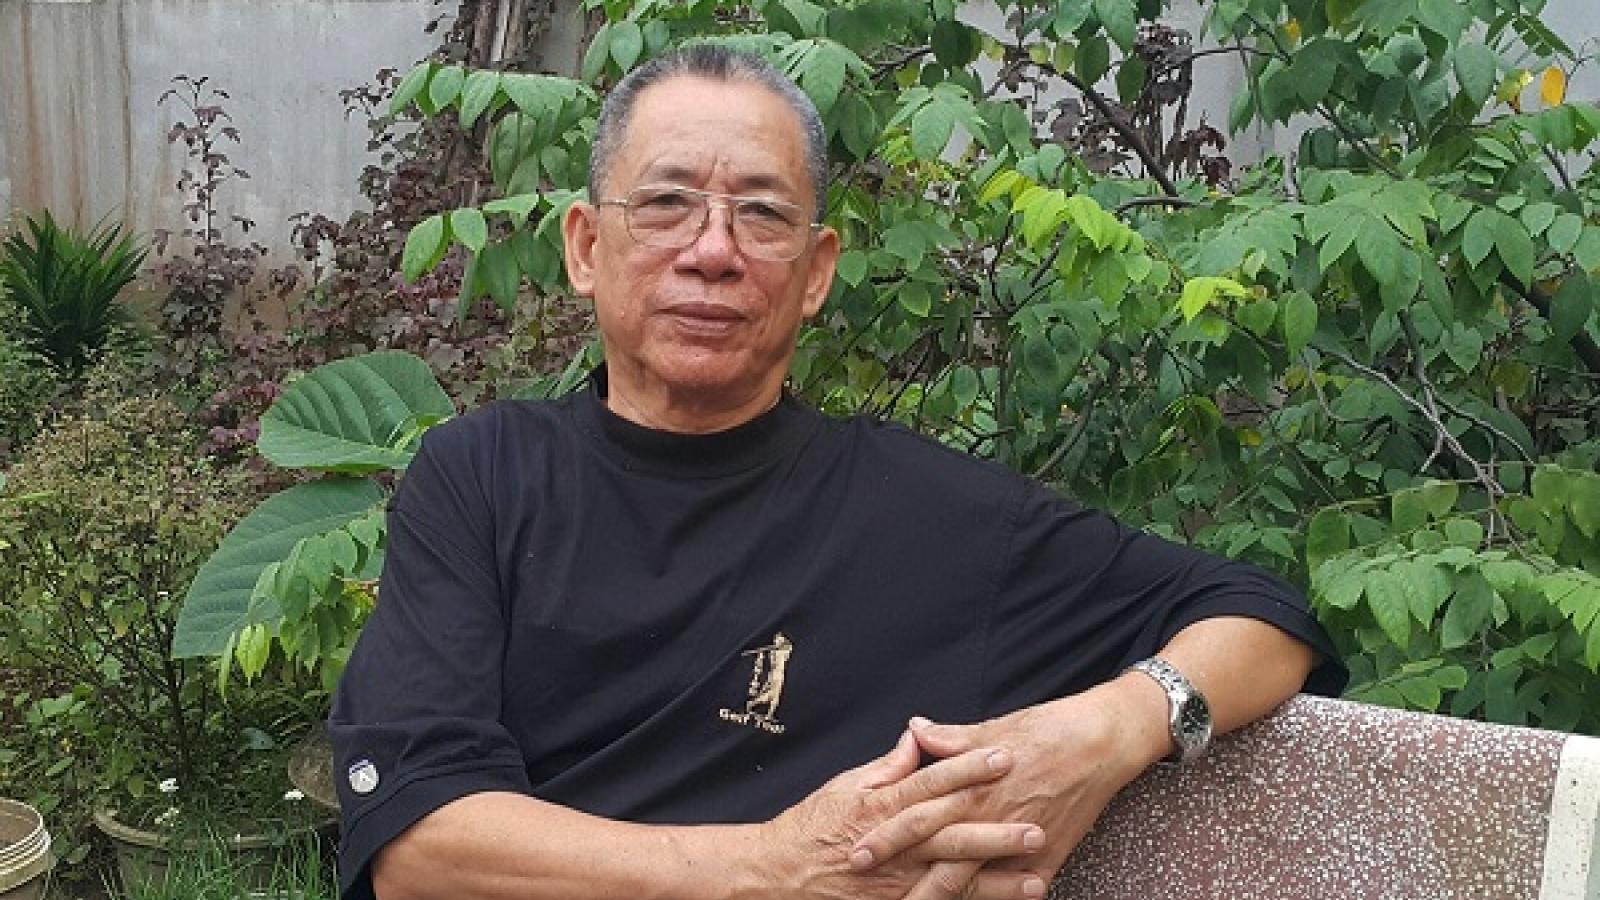 """Nhạc sĩ Lê Mây sáng tác ca khúc """"Hát lên Việt Nam ơi"""" sau khi trải qua một cơn đau tim"""